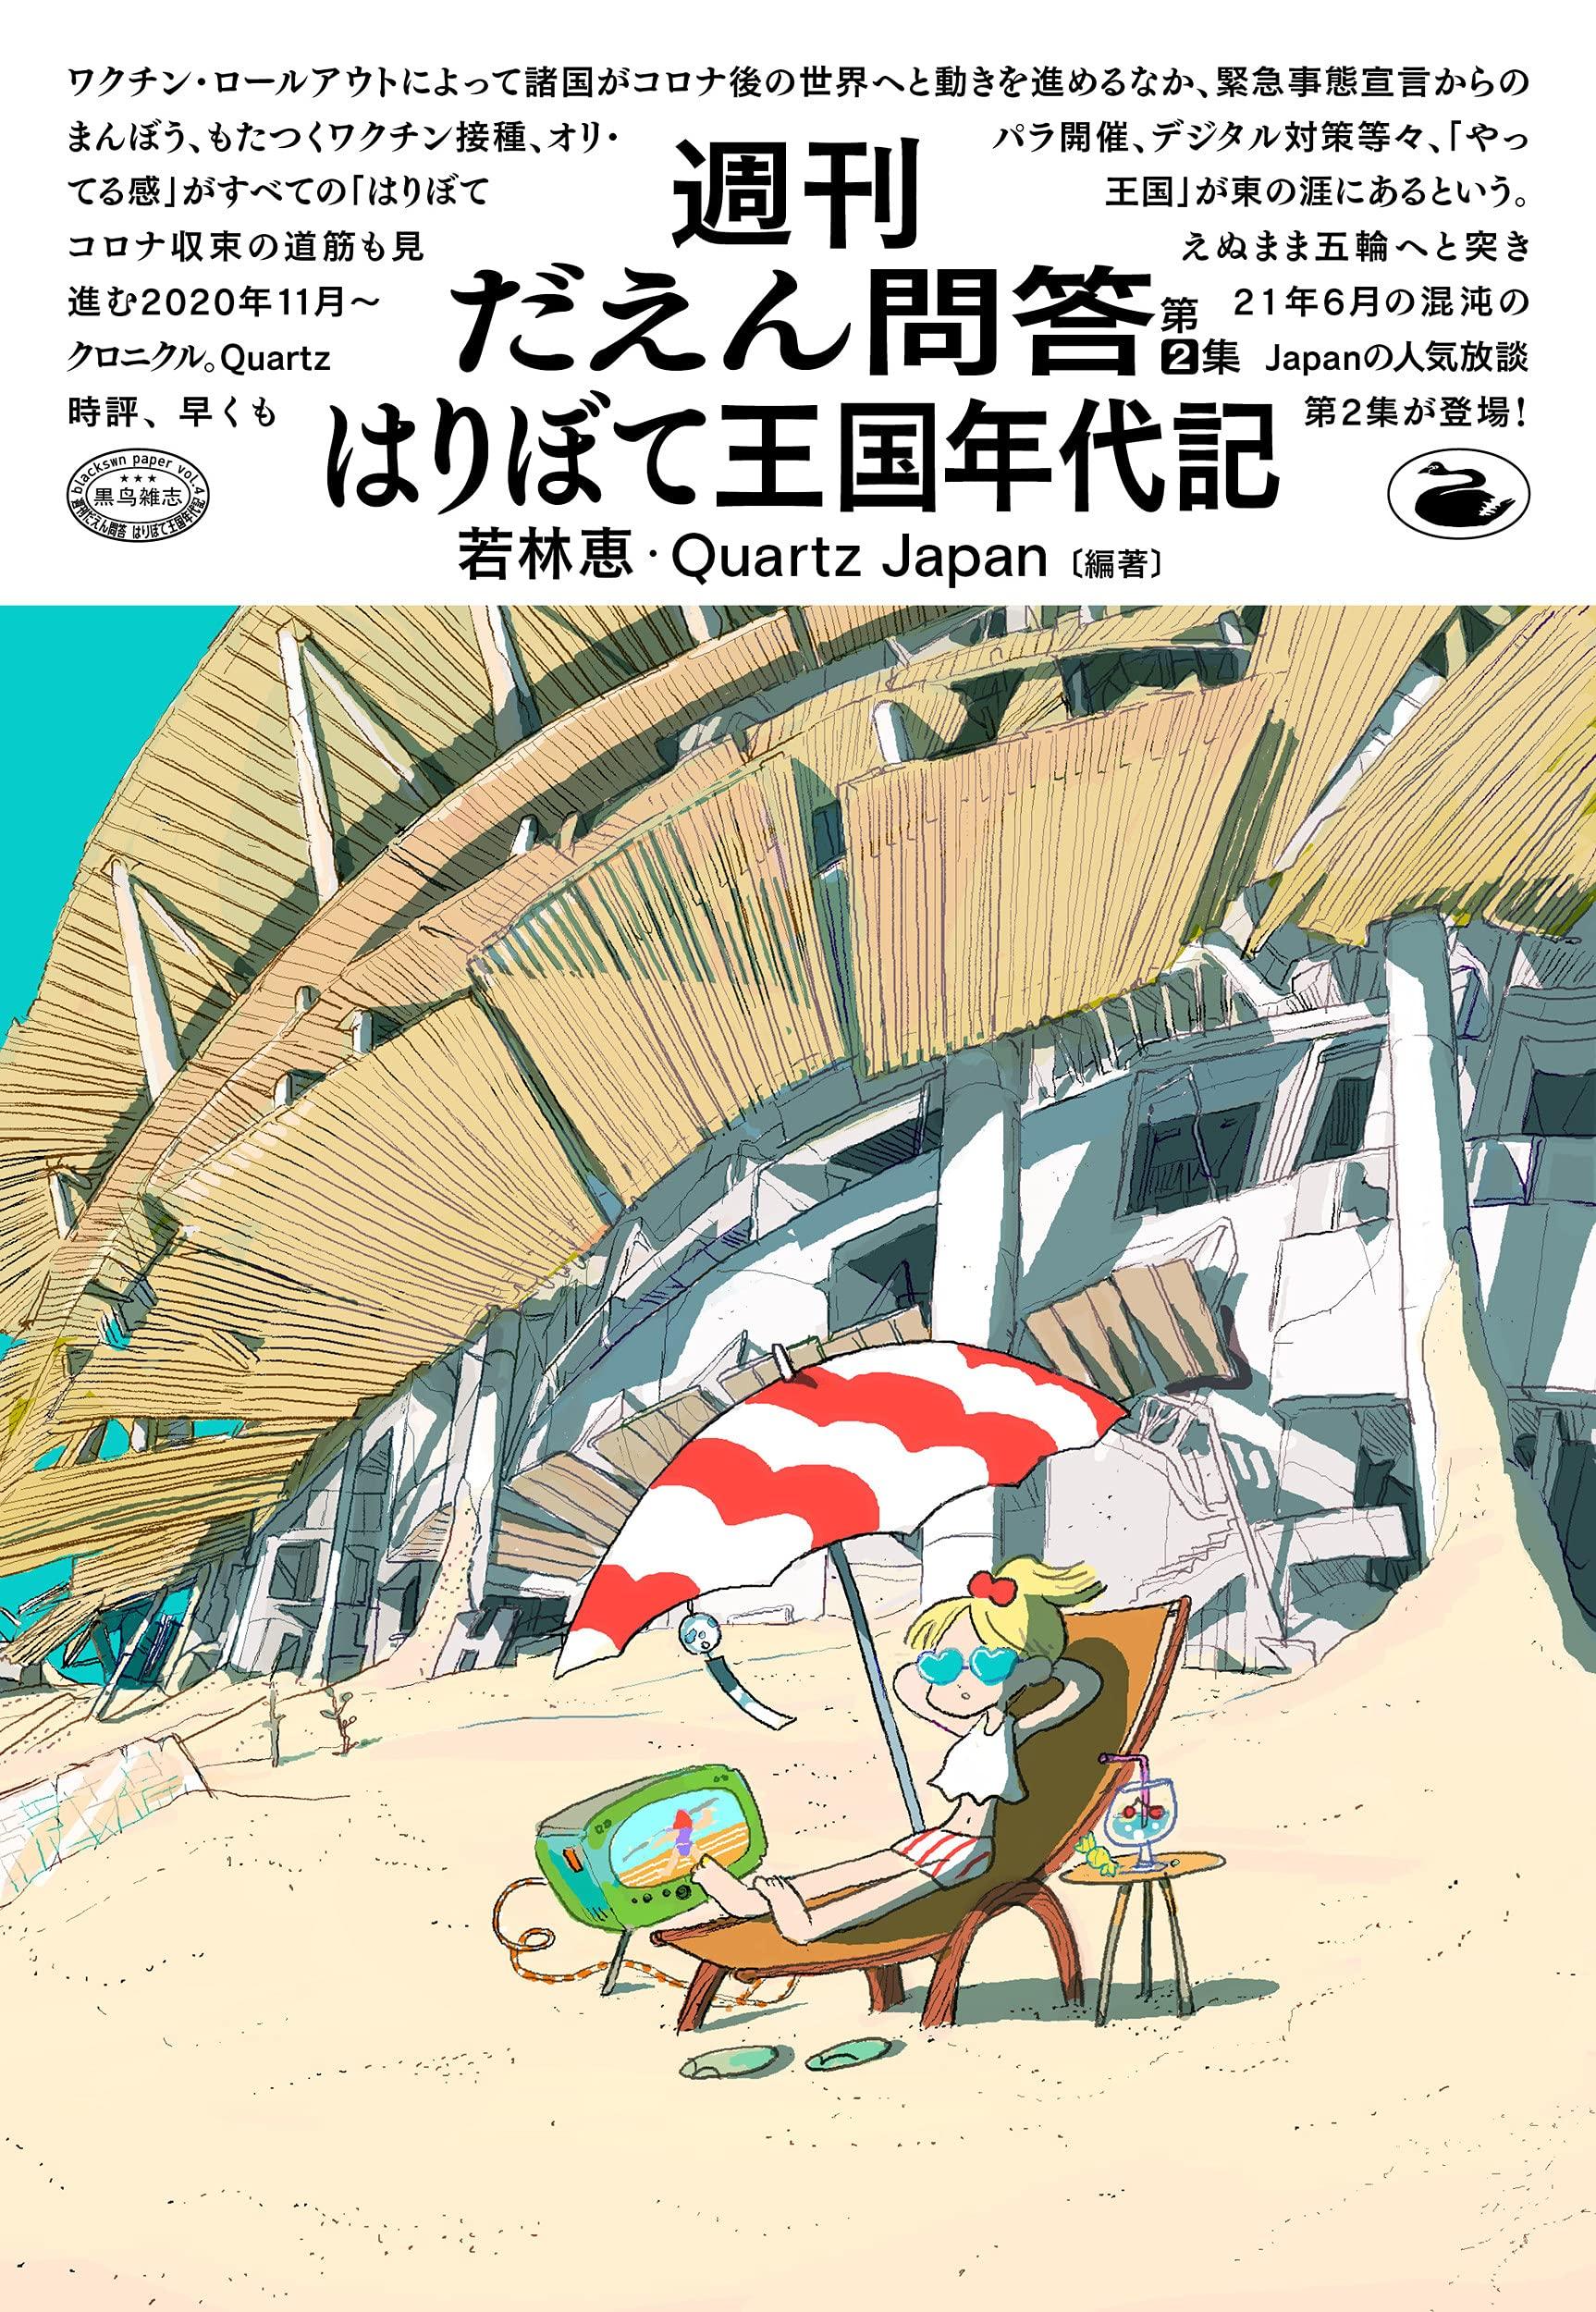 若林恵(2021)『はりぼて王国年代記 週刊だえん問答 第2集』黒鳥社